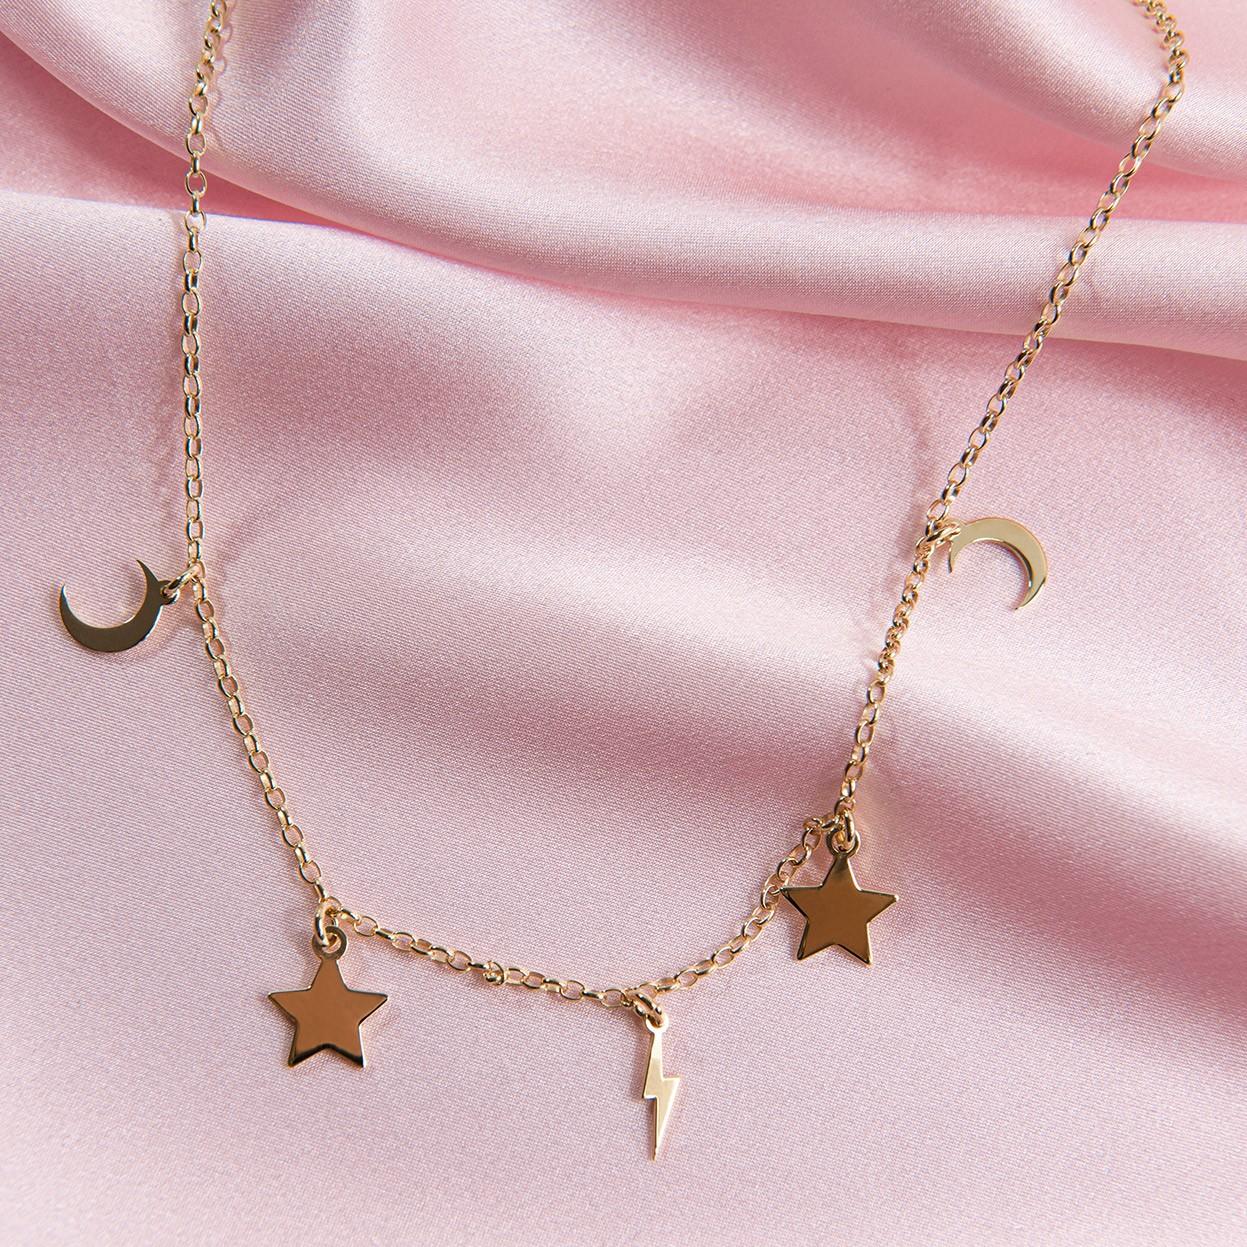 Srebrna bransoletka z małymi blaszkami MON DÉFI, srebro 925